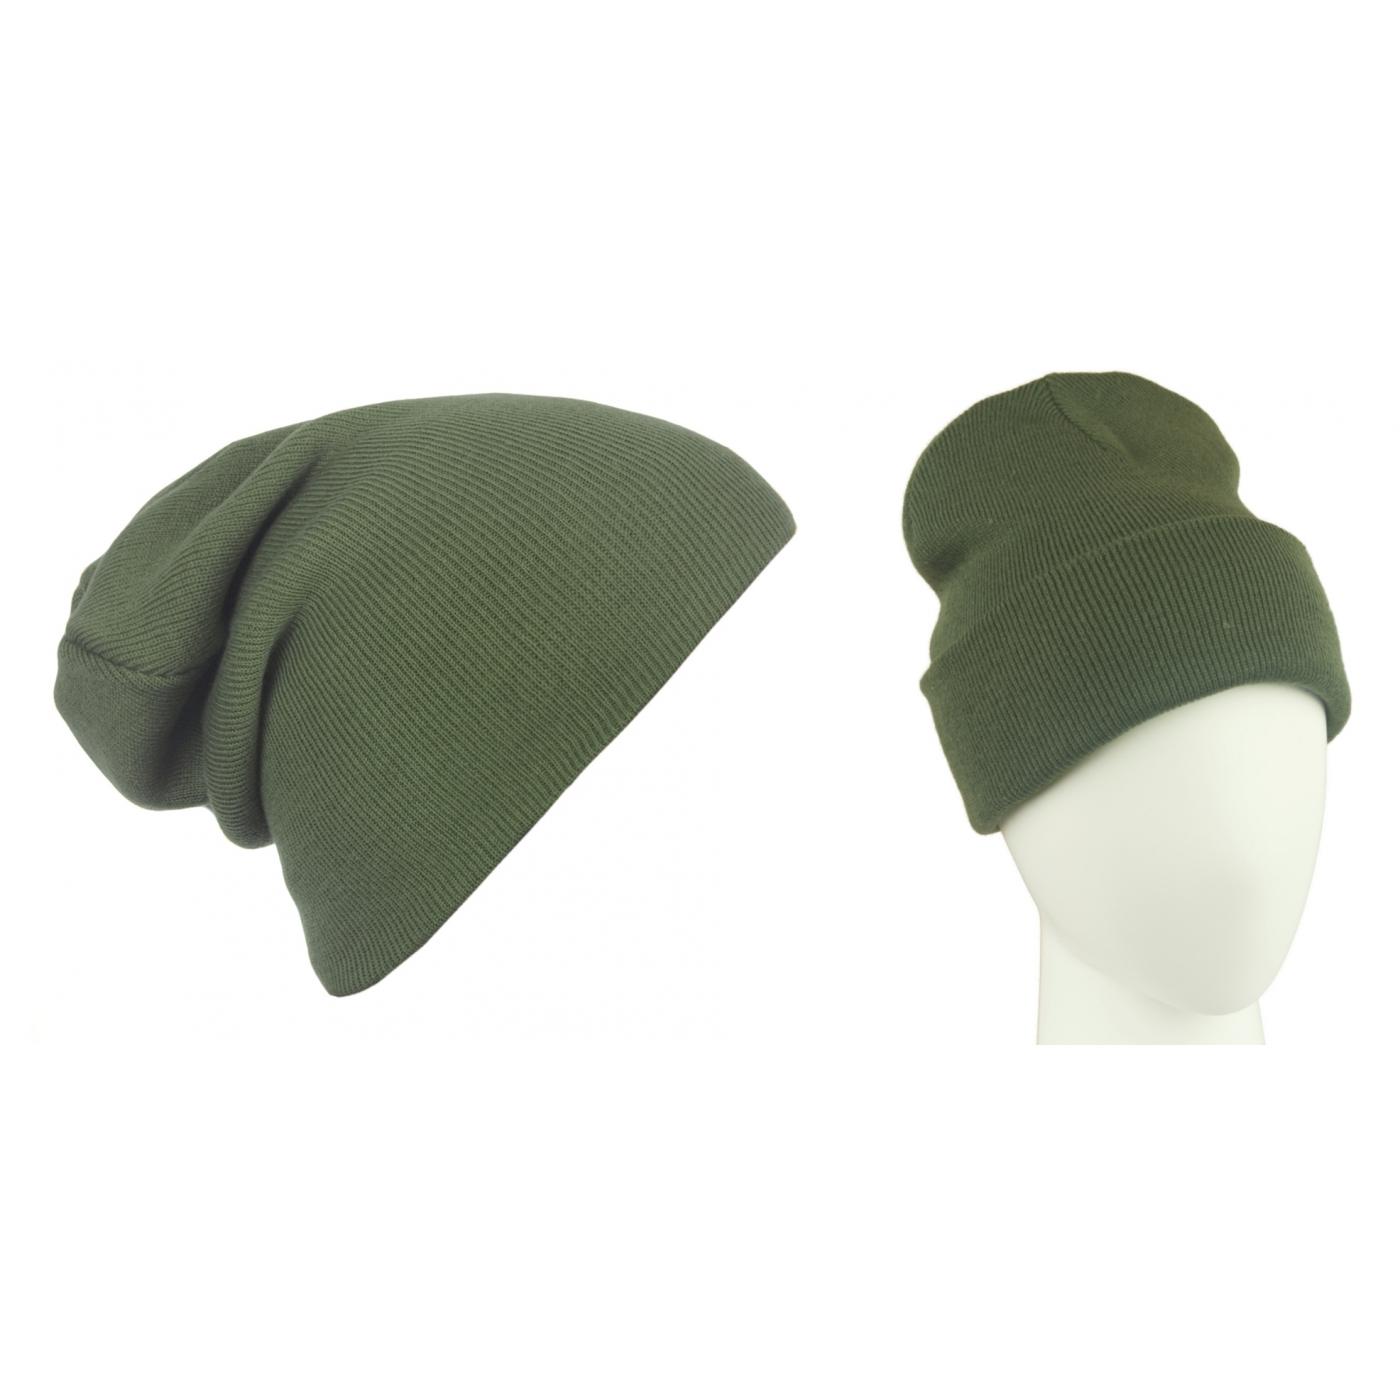 Męska czapka zimowa krasnal 3w1 - khaki zielony